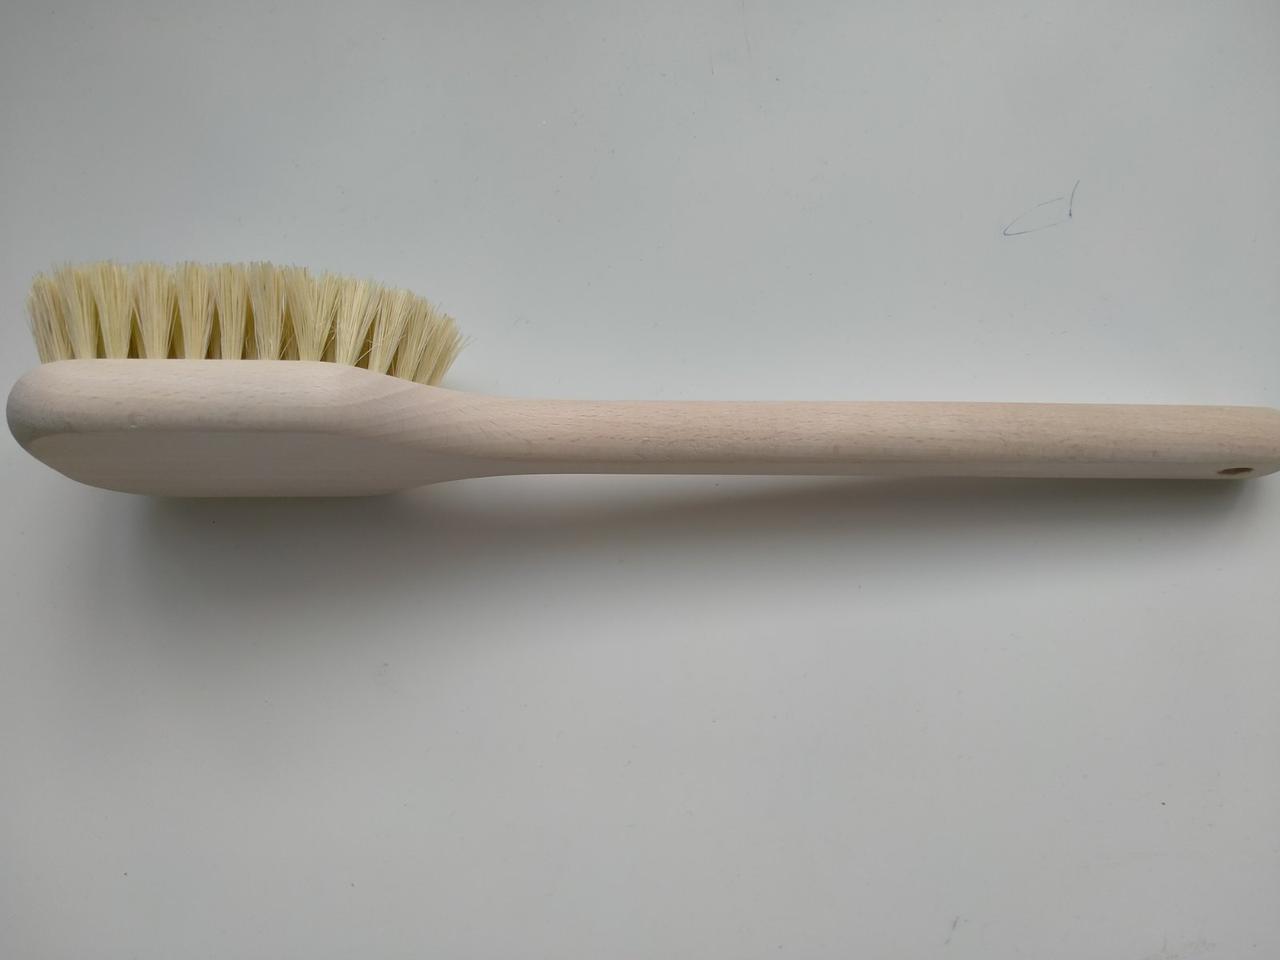 Щетка для сухого массажа щетина тампико (кактусовое волокно) дерево бук длинная ручка